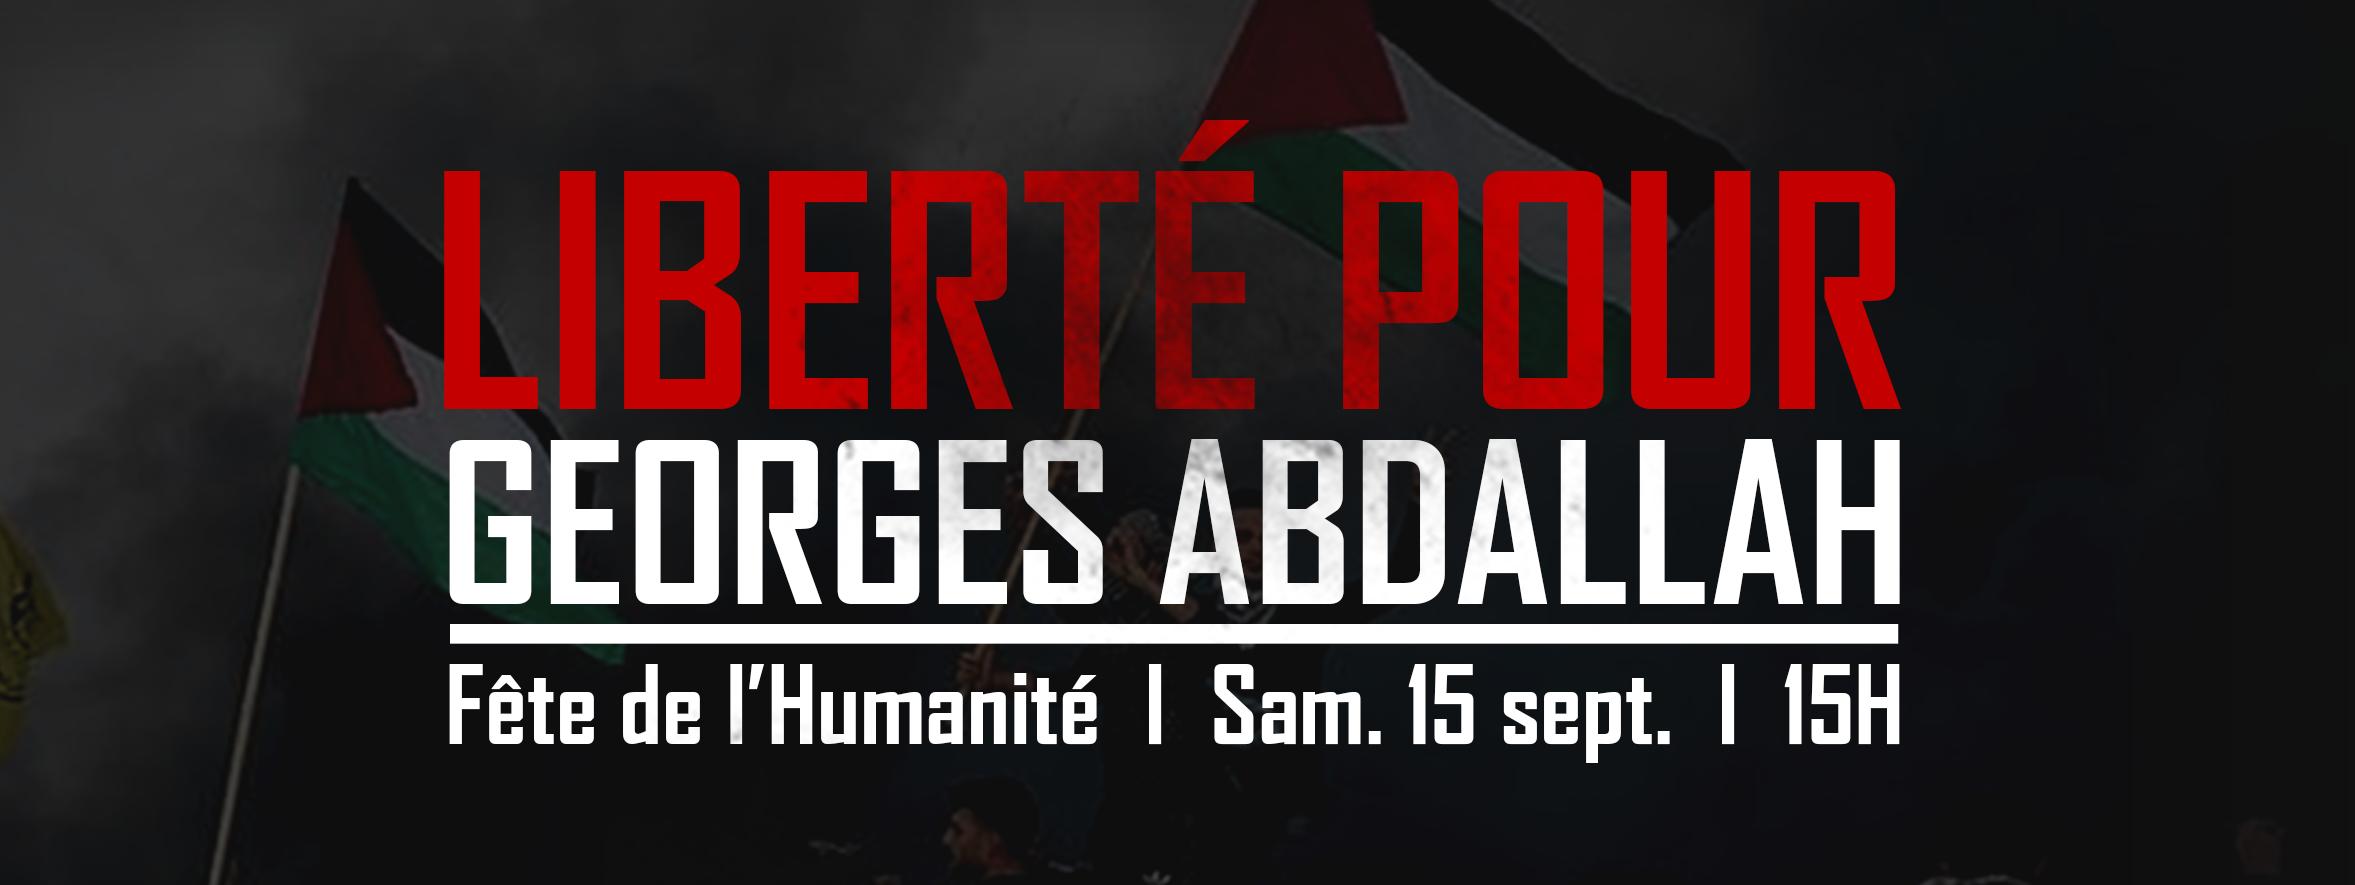 Mobilisation à la Fête de l'Humanité à Paris pour Georges Abdallah.